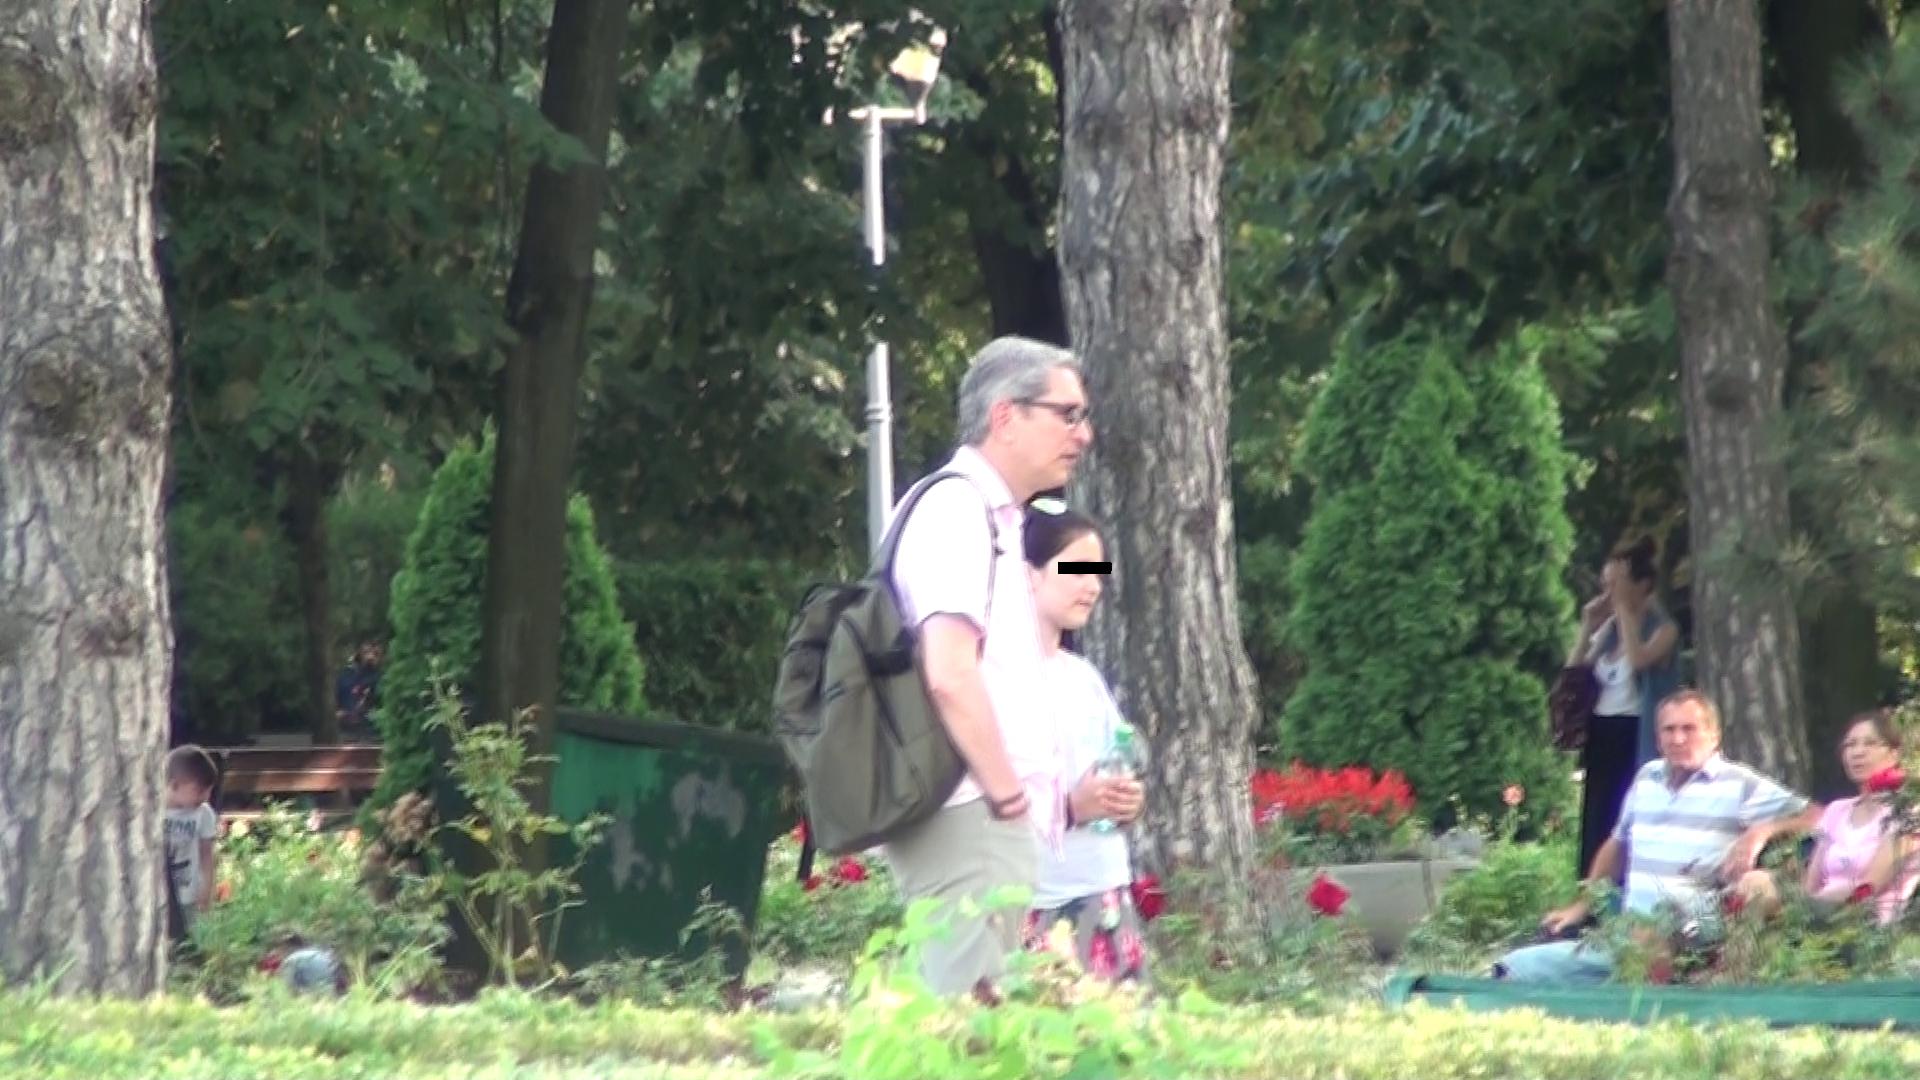 Consulul Romaniei in Africa de Sud cauta un loc linistit in parc